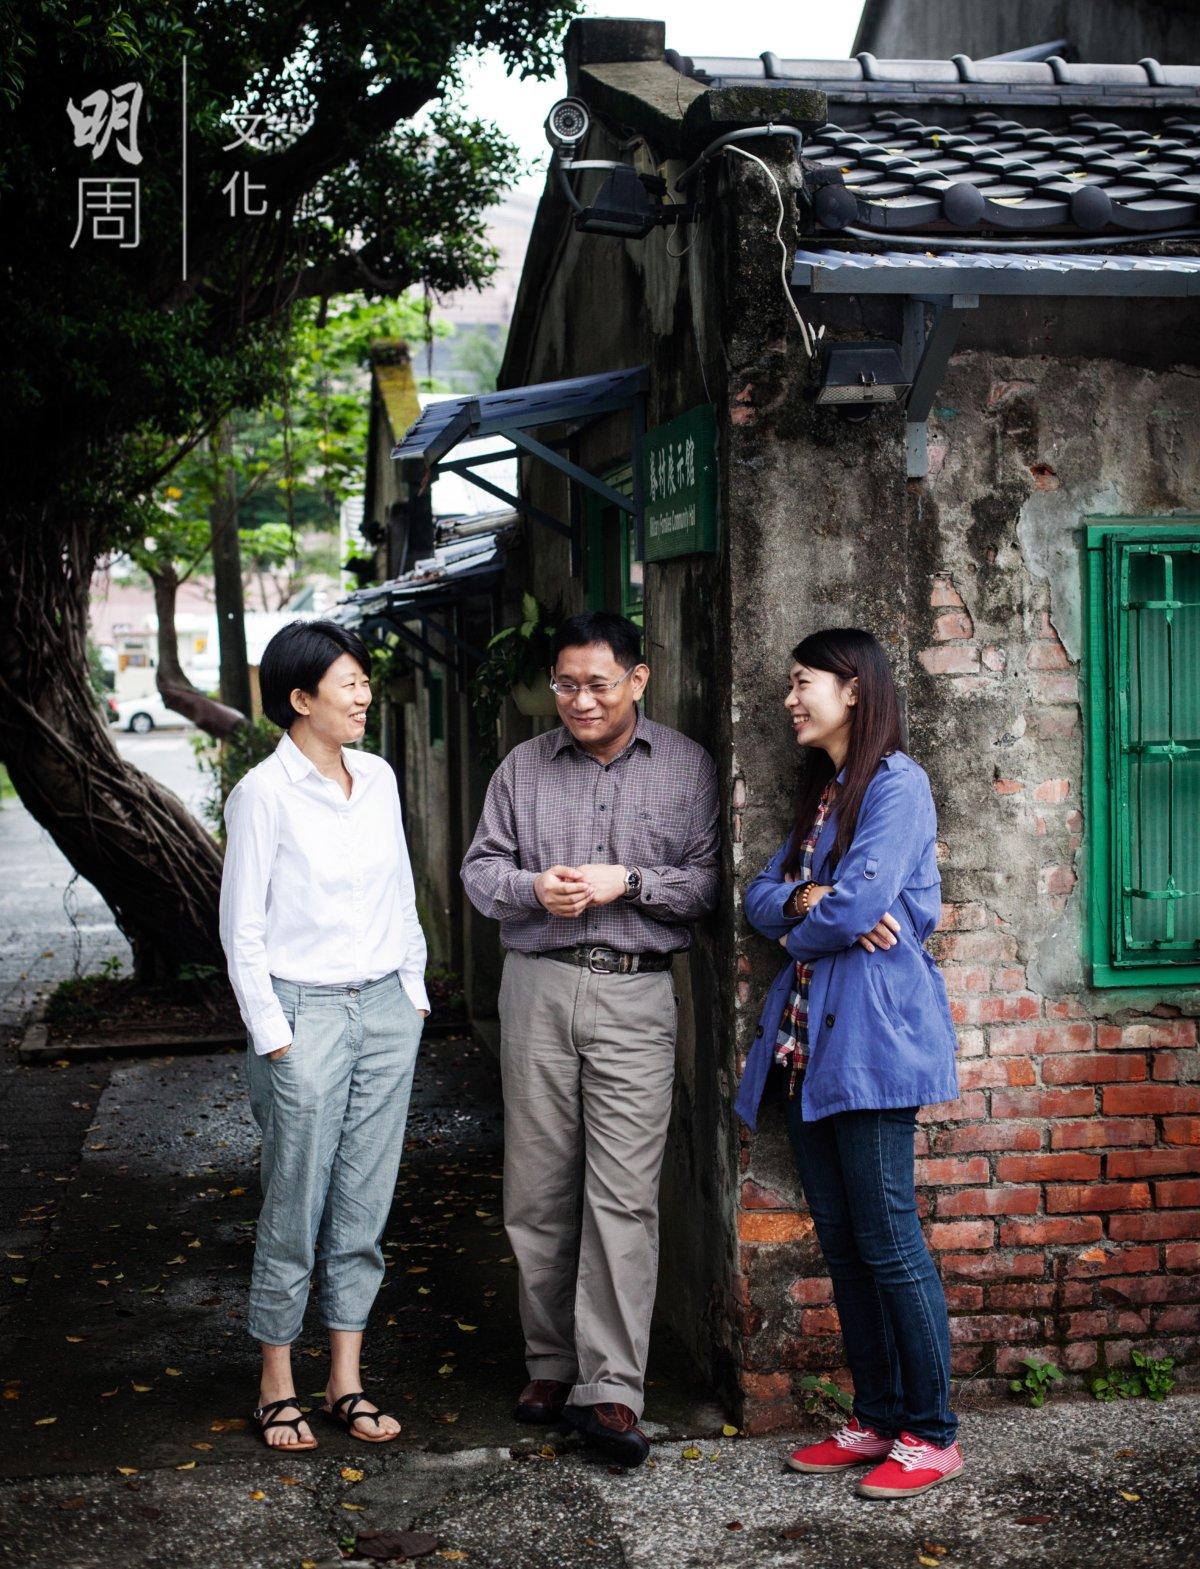 「上下游新聞市集」核心成員,左一馮小非,中間汪文豪,右邊林慧貞